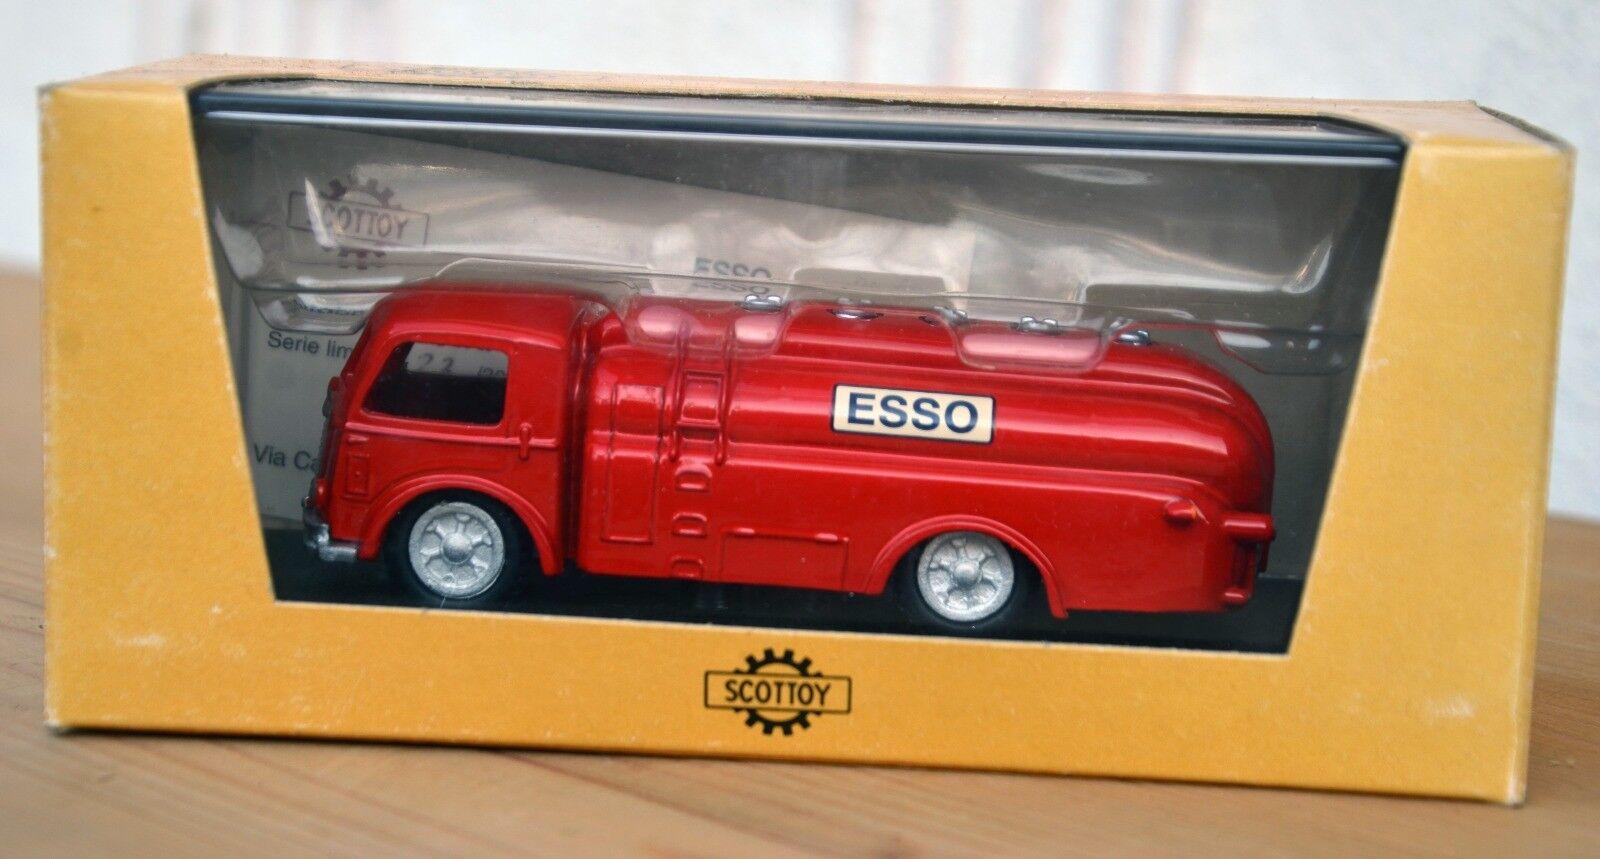 SCOTTOY Autobotte Viberti 'Esso' rouge  SCOTT27E  détaillants en ligne